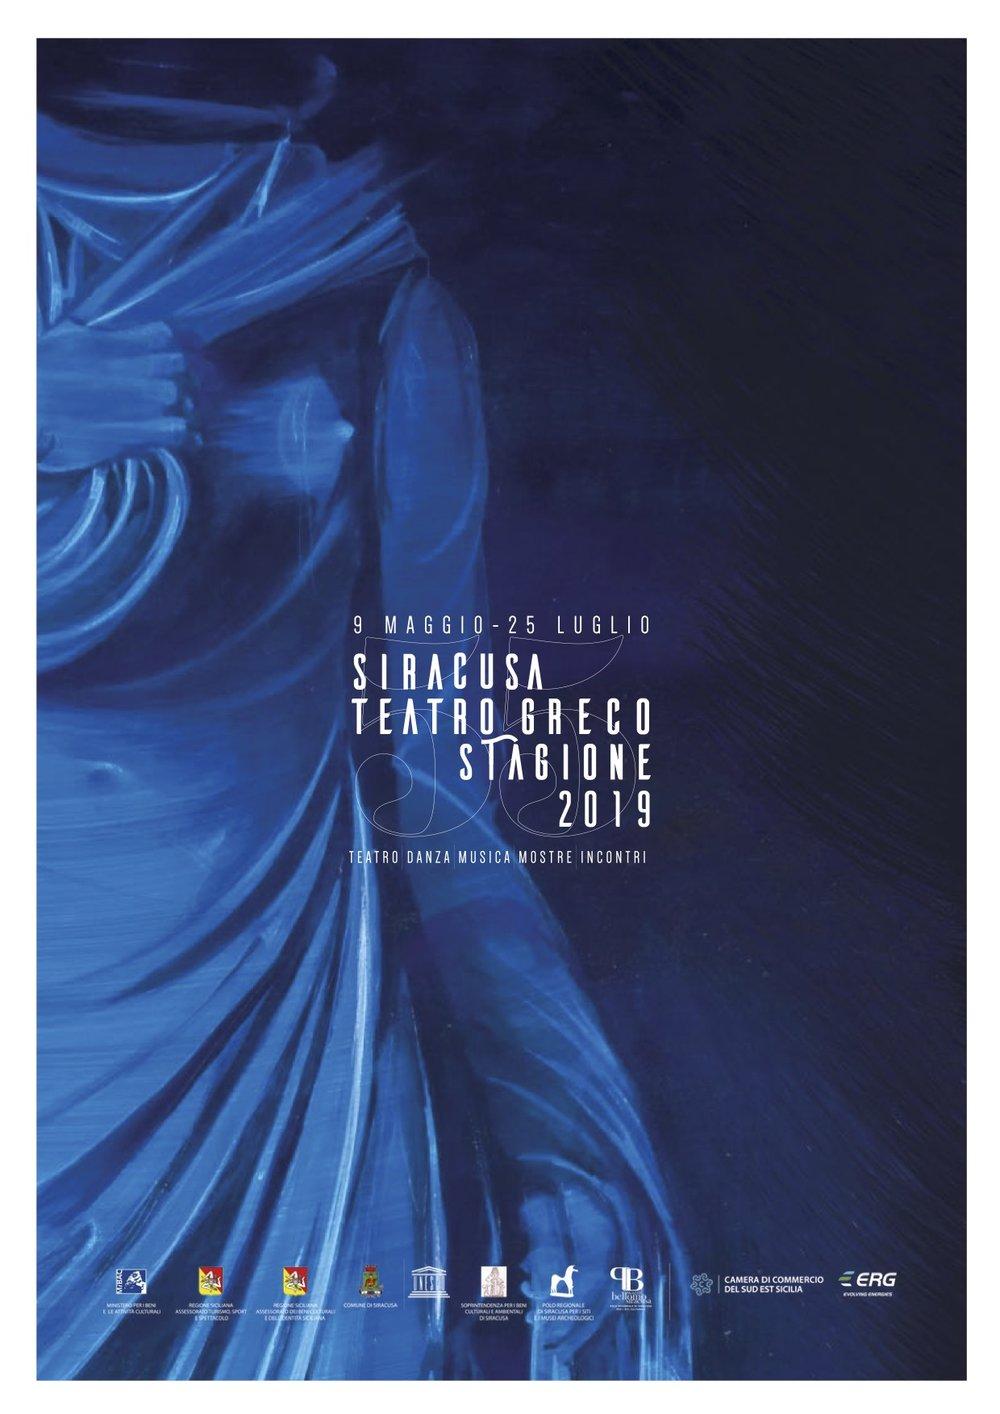 manifesto INDA 2019 - Teatro Greco Siracusa 55° edizione